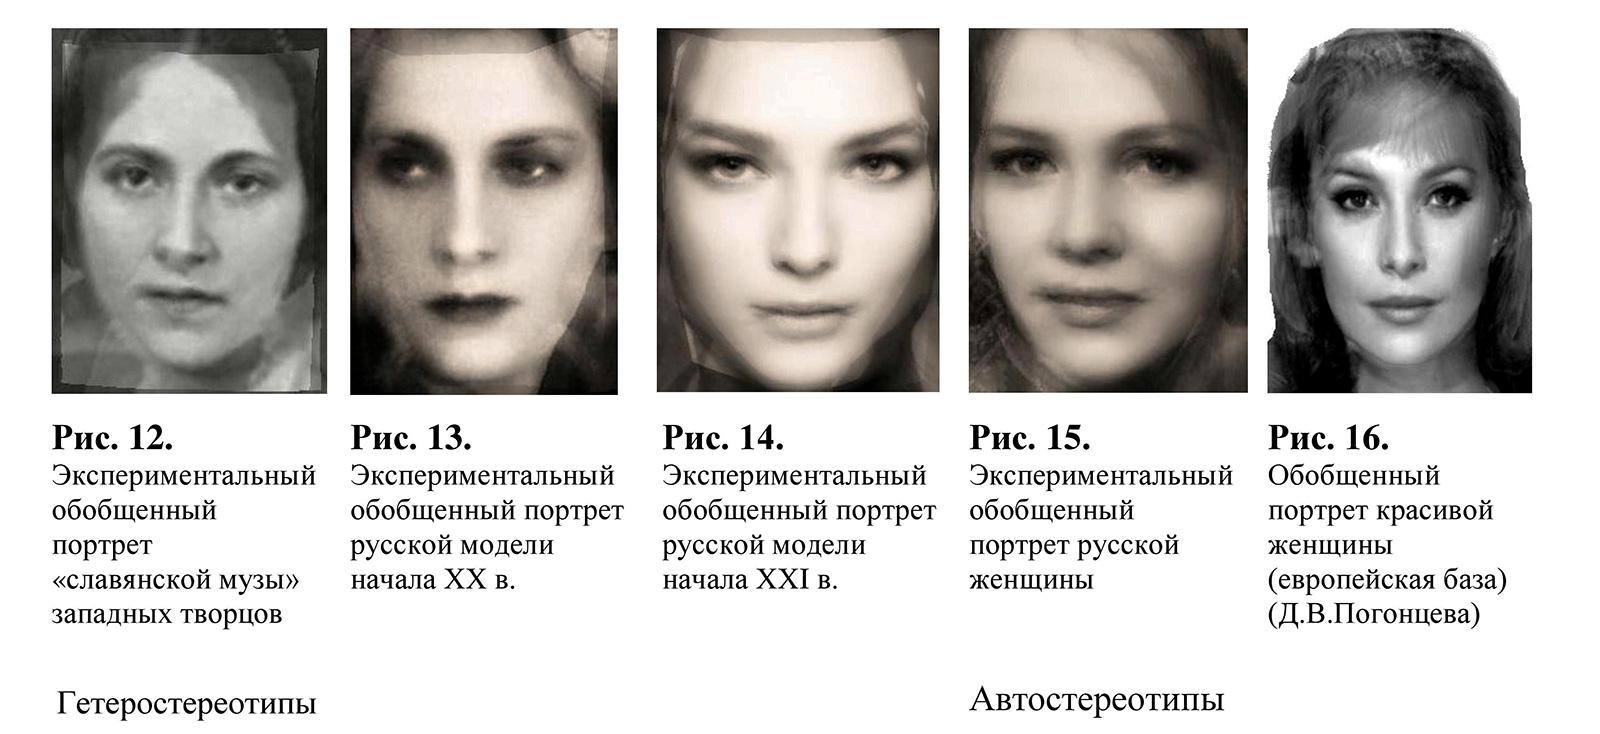 смотреть фото голых русских женщин